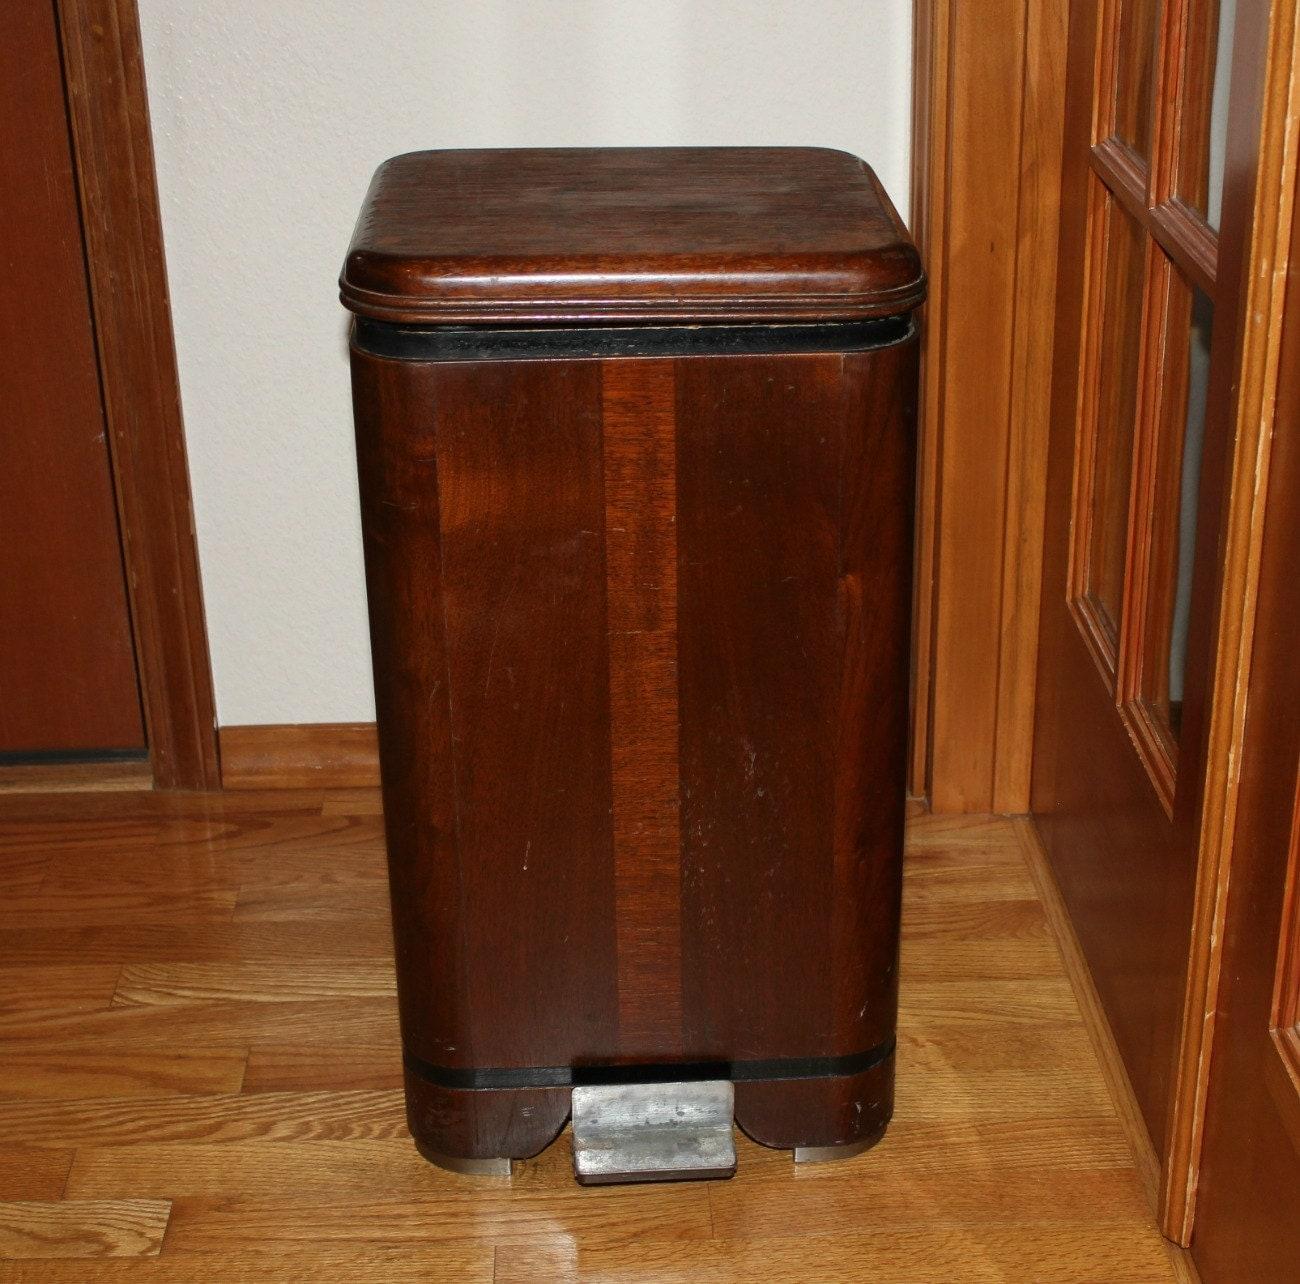 Decorative Kitchen Garbage Cans Wood Kitchen Trash Can Wooden Kitchen Trash  Can With Lid Wooden